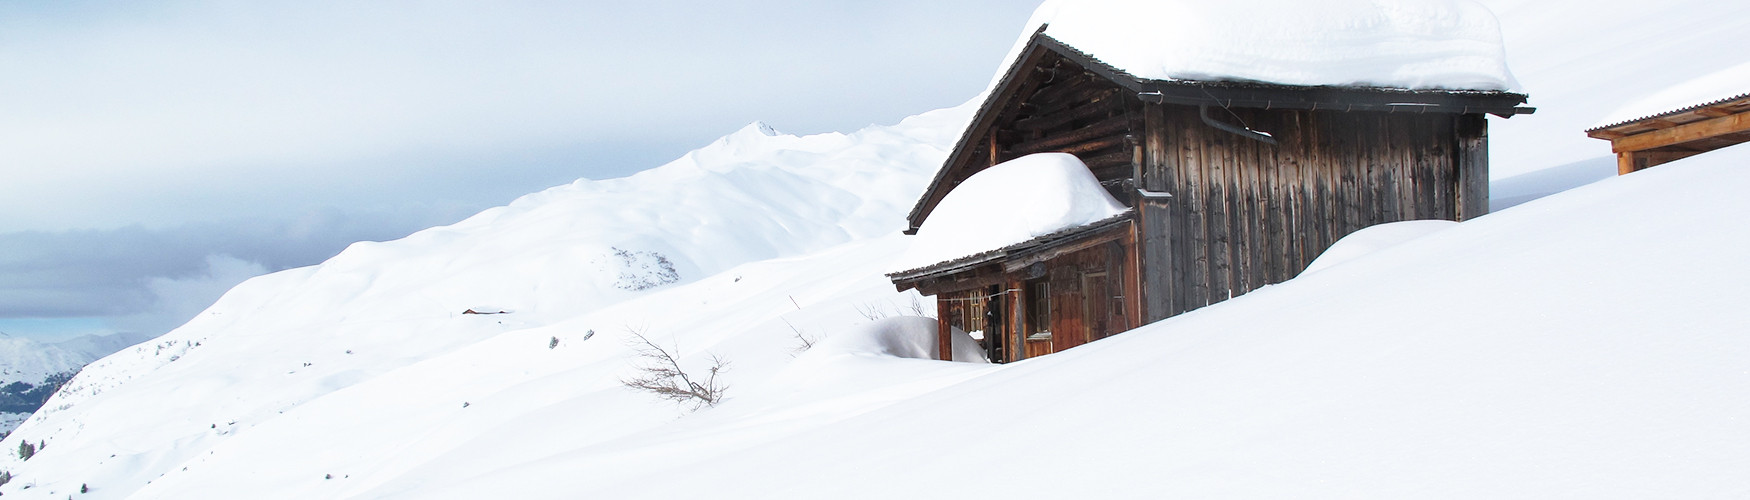 Skitour Stützpunkte, Freeride Schweiz Montafon